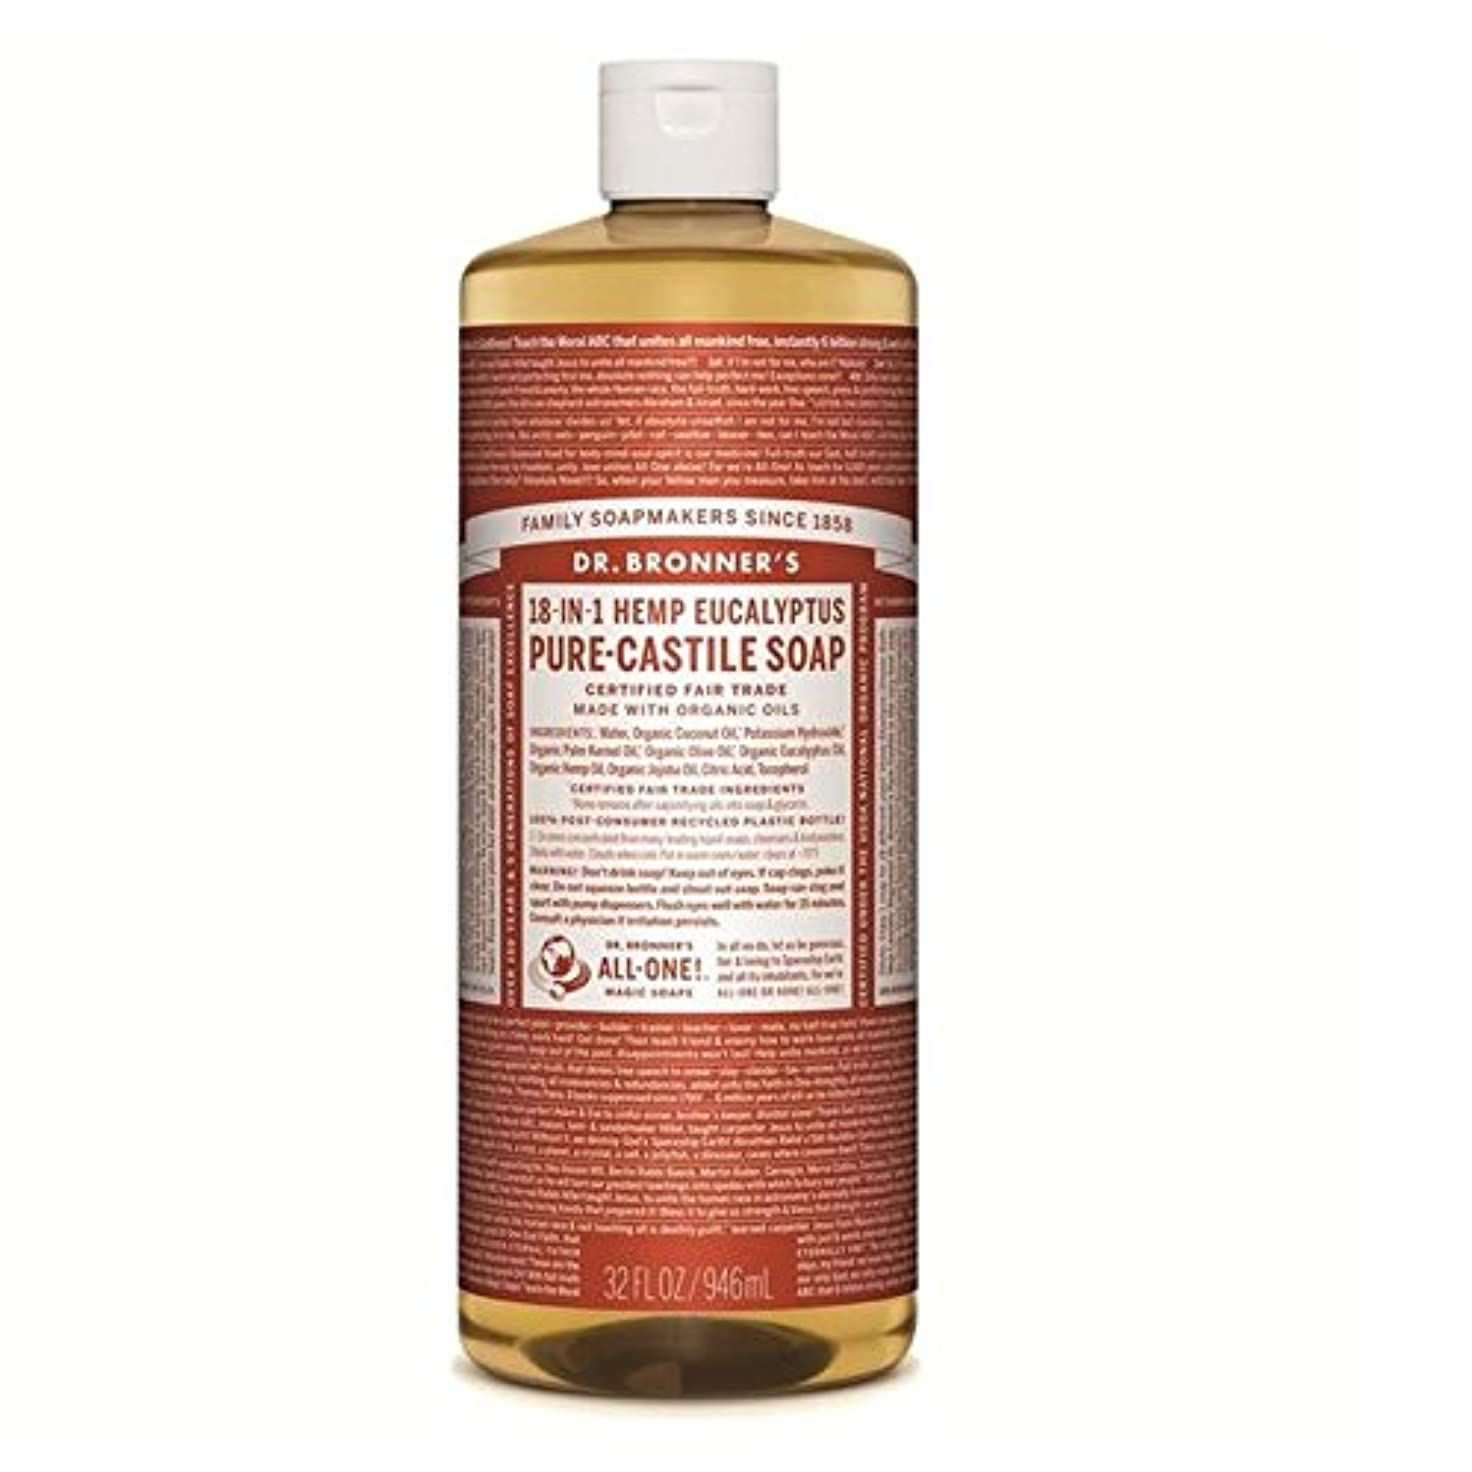 ドアミラーハンディキャップリールのブロナー有機ユーカリカスティーリャ液体石鹸946ミリリットル x4 - Dr Bronner Organic Eucalyptus Castile Liquid Soap 946ml (Pack of 4) [並行輸入品]